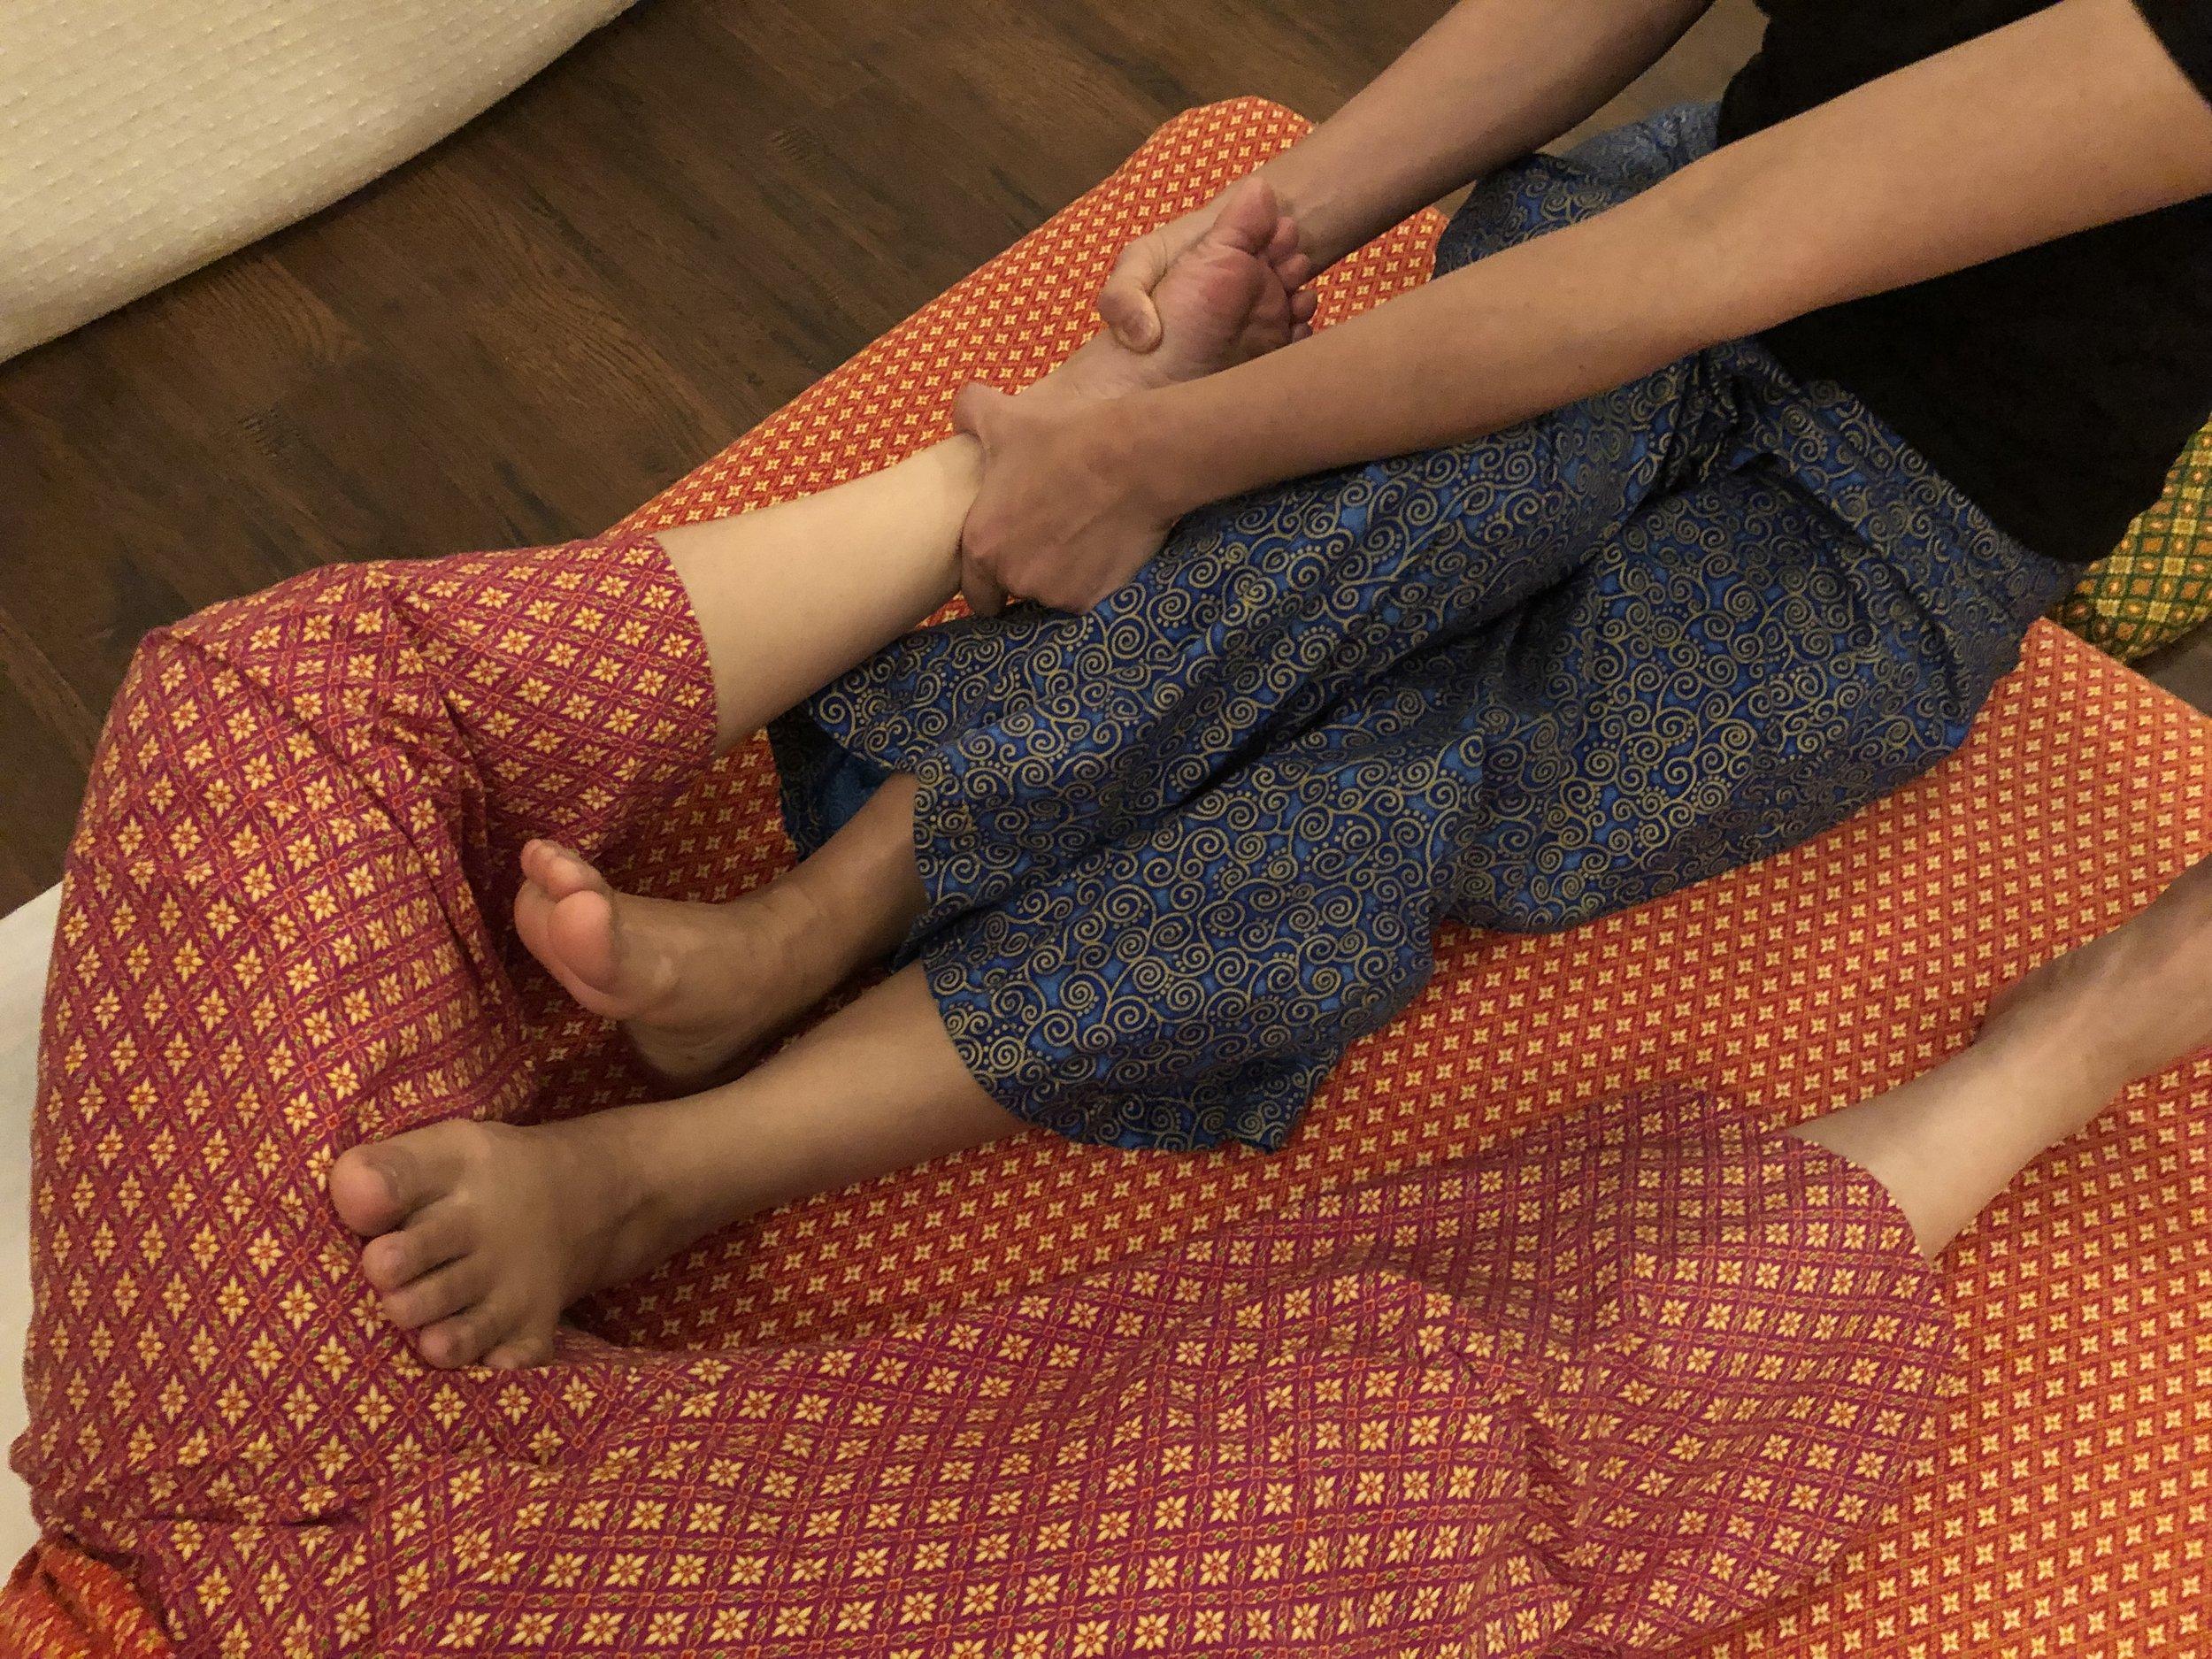 The story of Lamai's feet